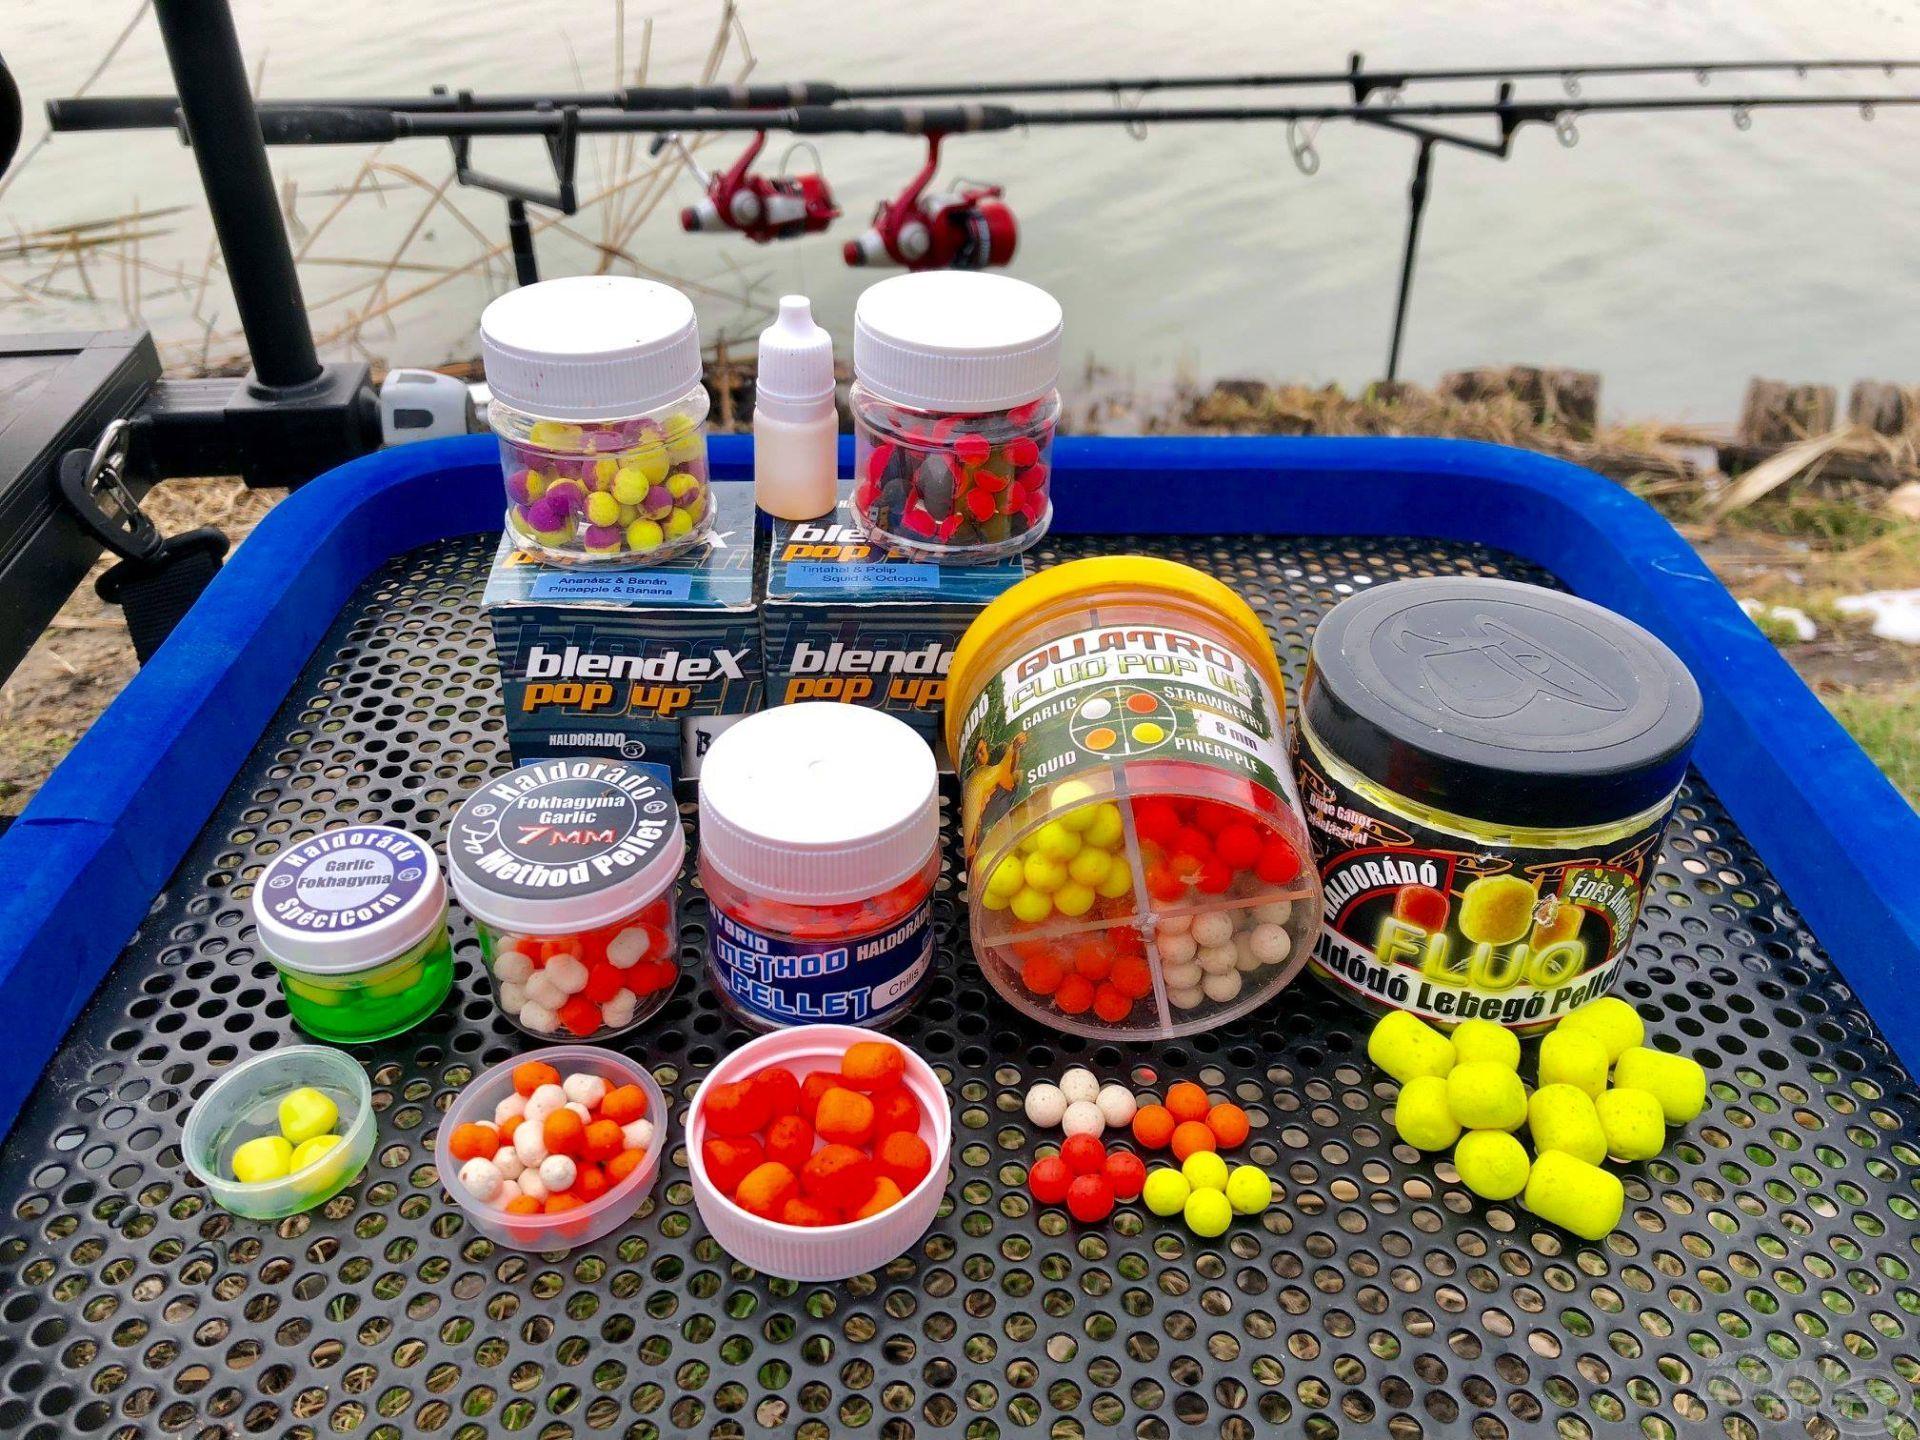 Szinte mindenféle csali használata engedélyezett, így a horgászok szabadon kísérletezhetnek a siker érdekében